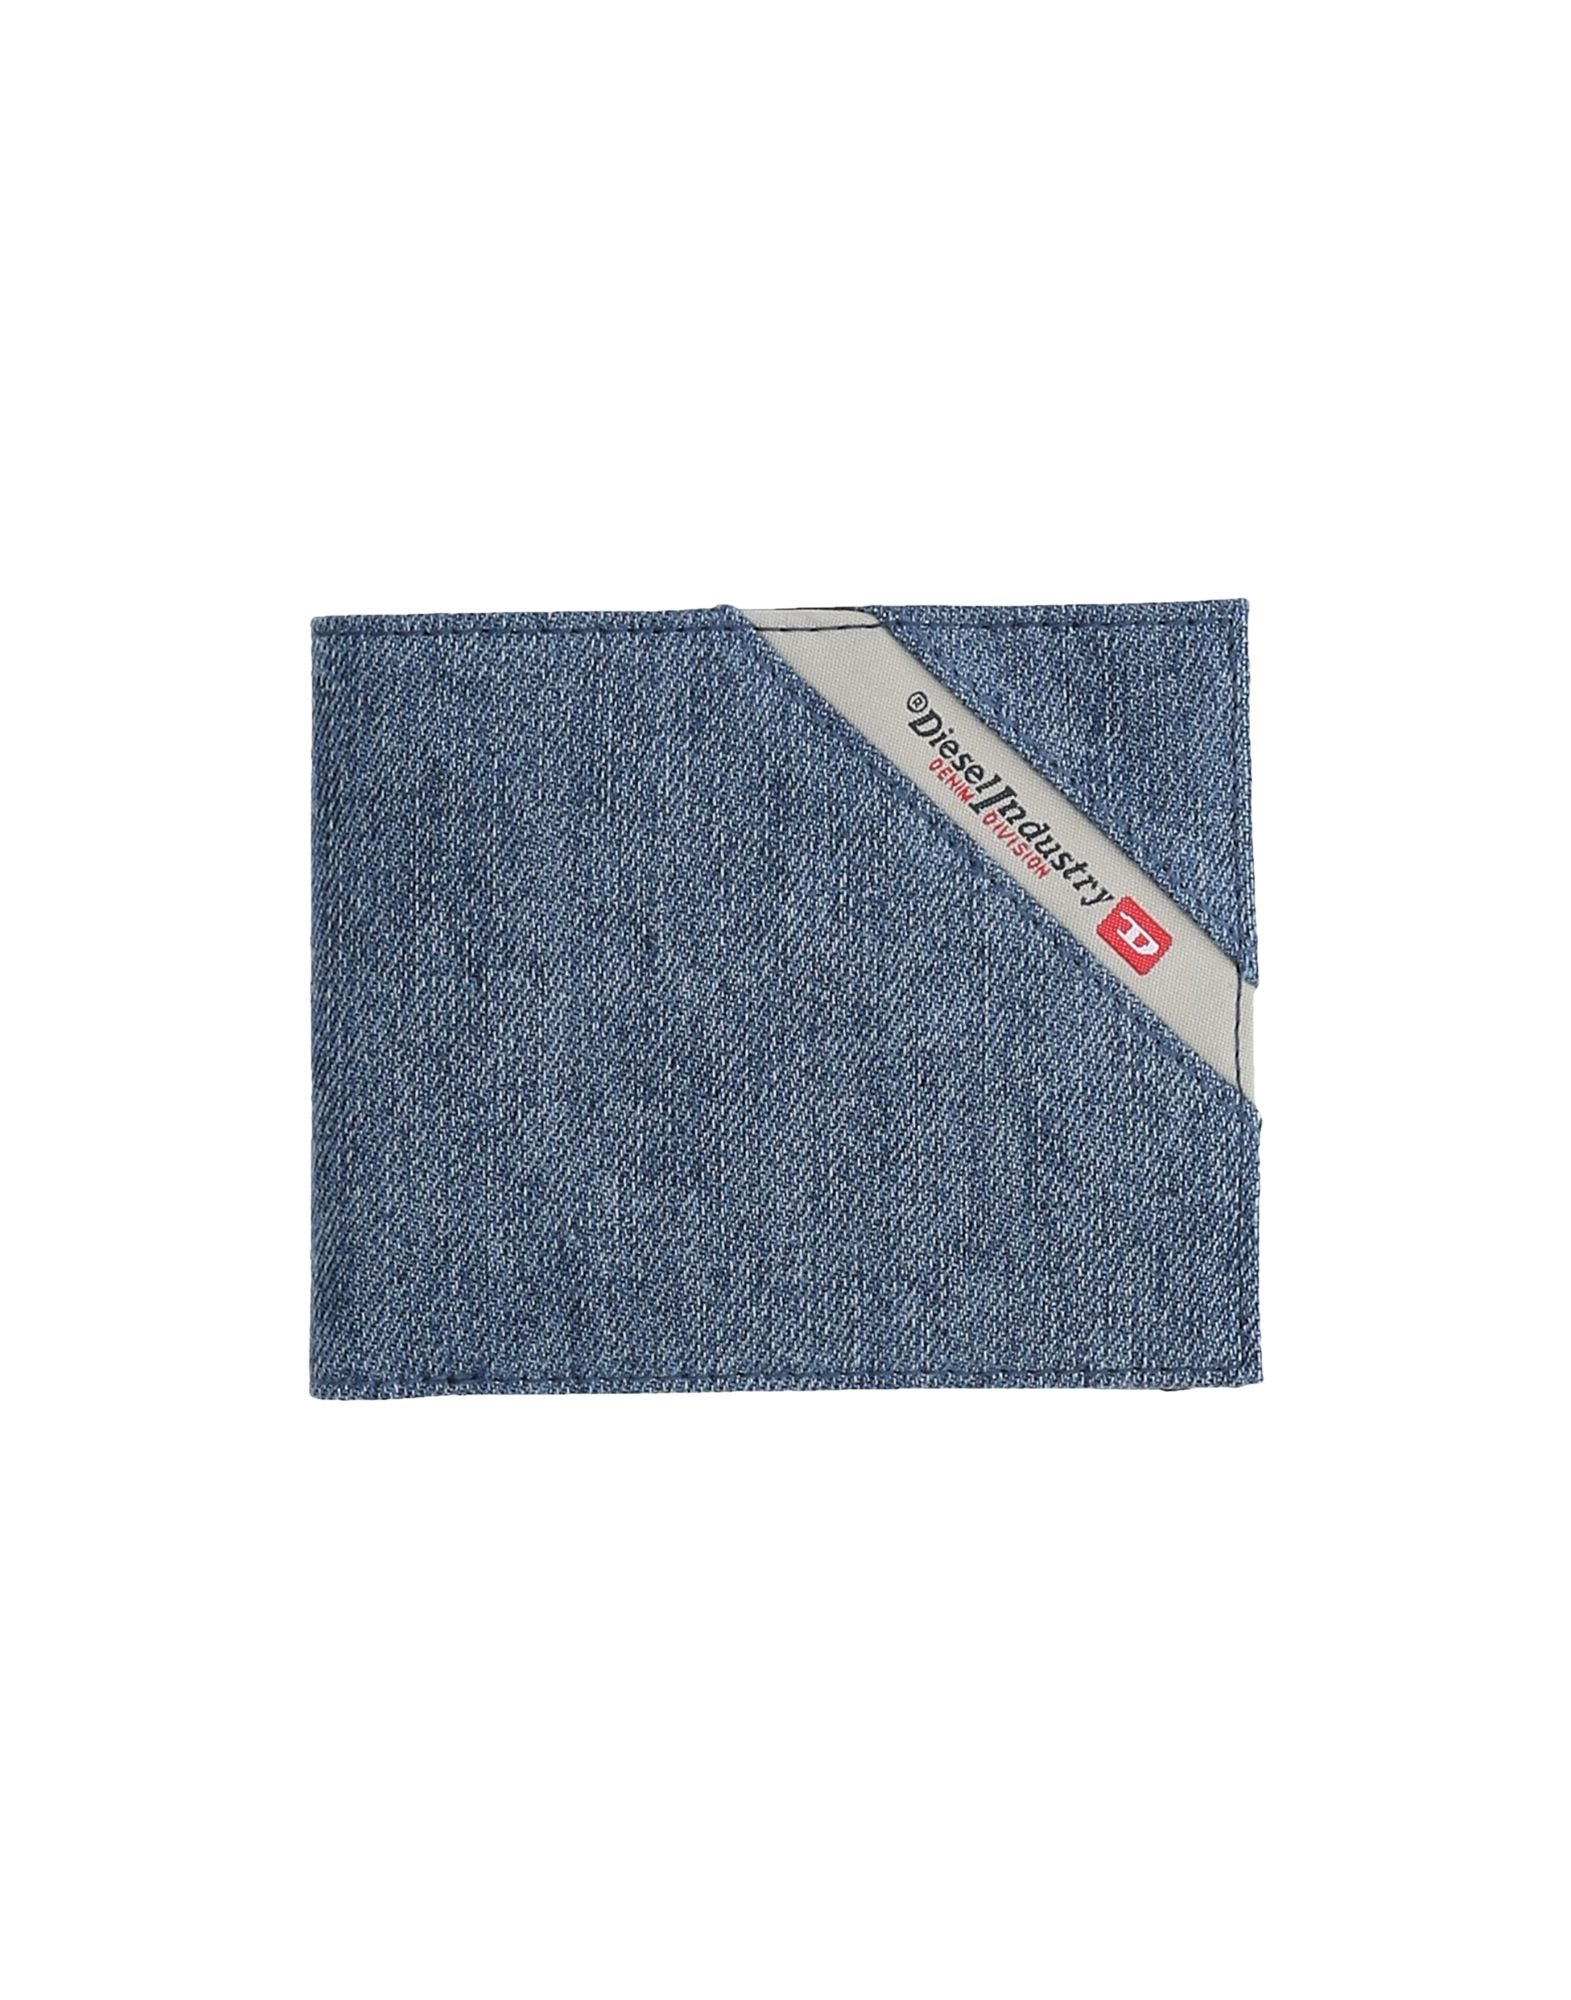 DIESEL Чехол для документов чехол для карточек london достопримечательности